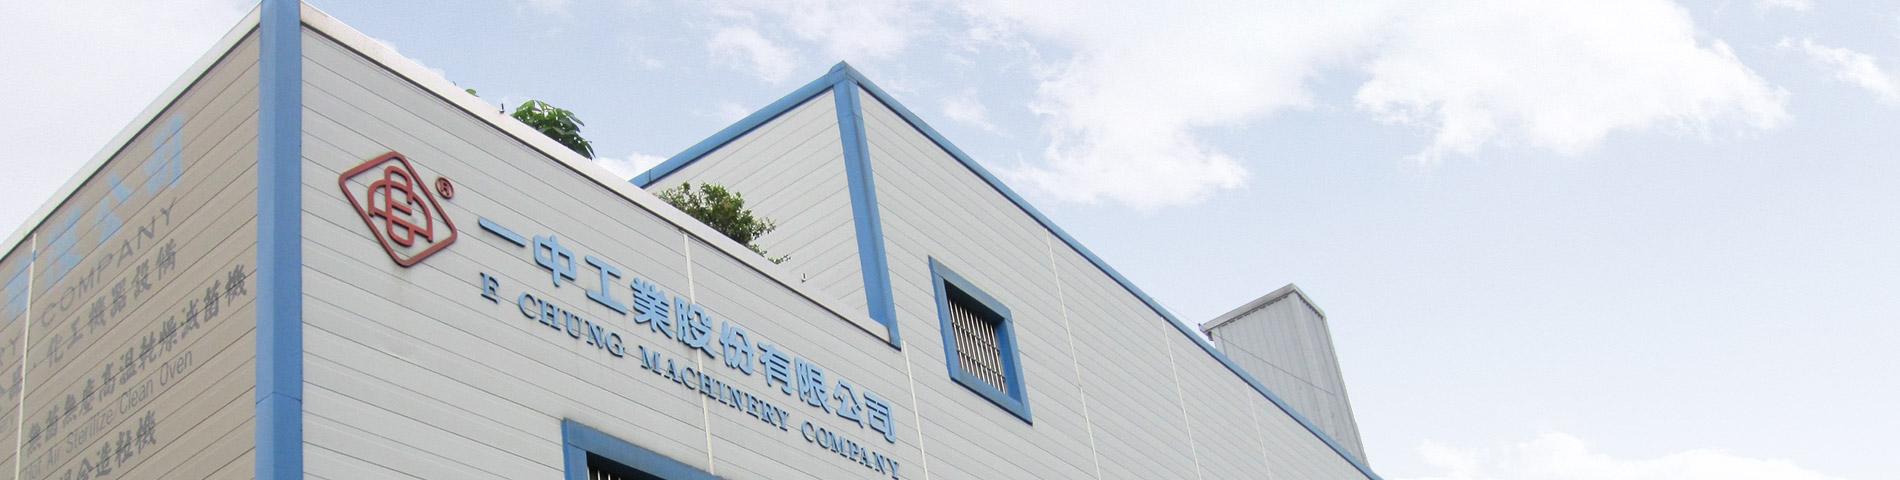 Công ty E-CHUNG là nhà sản xuất chuyên nghiệp nhất thế giới về Dược phẩm / Công nghệ sinh học / Thiết bị công nghiệp thực phẩm